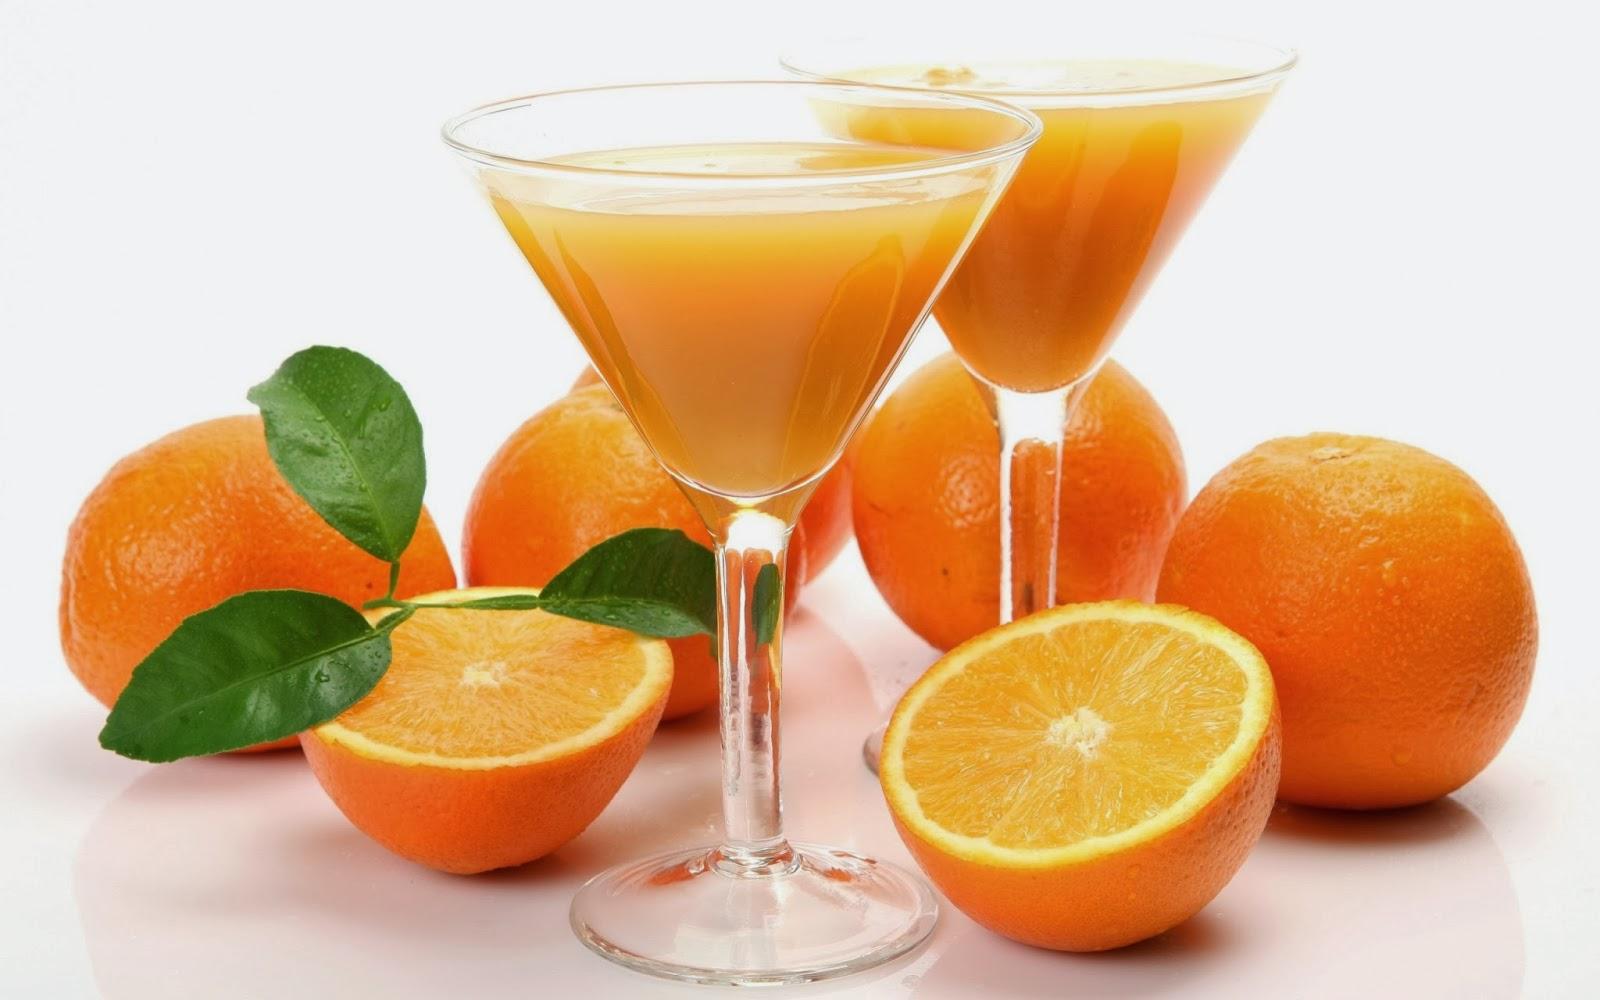 Oranges (Delicious Heart Healthy Food)